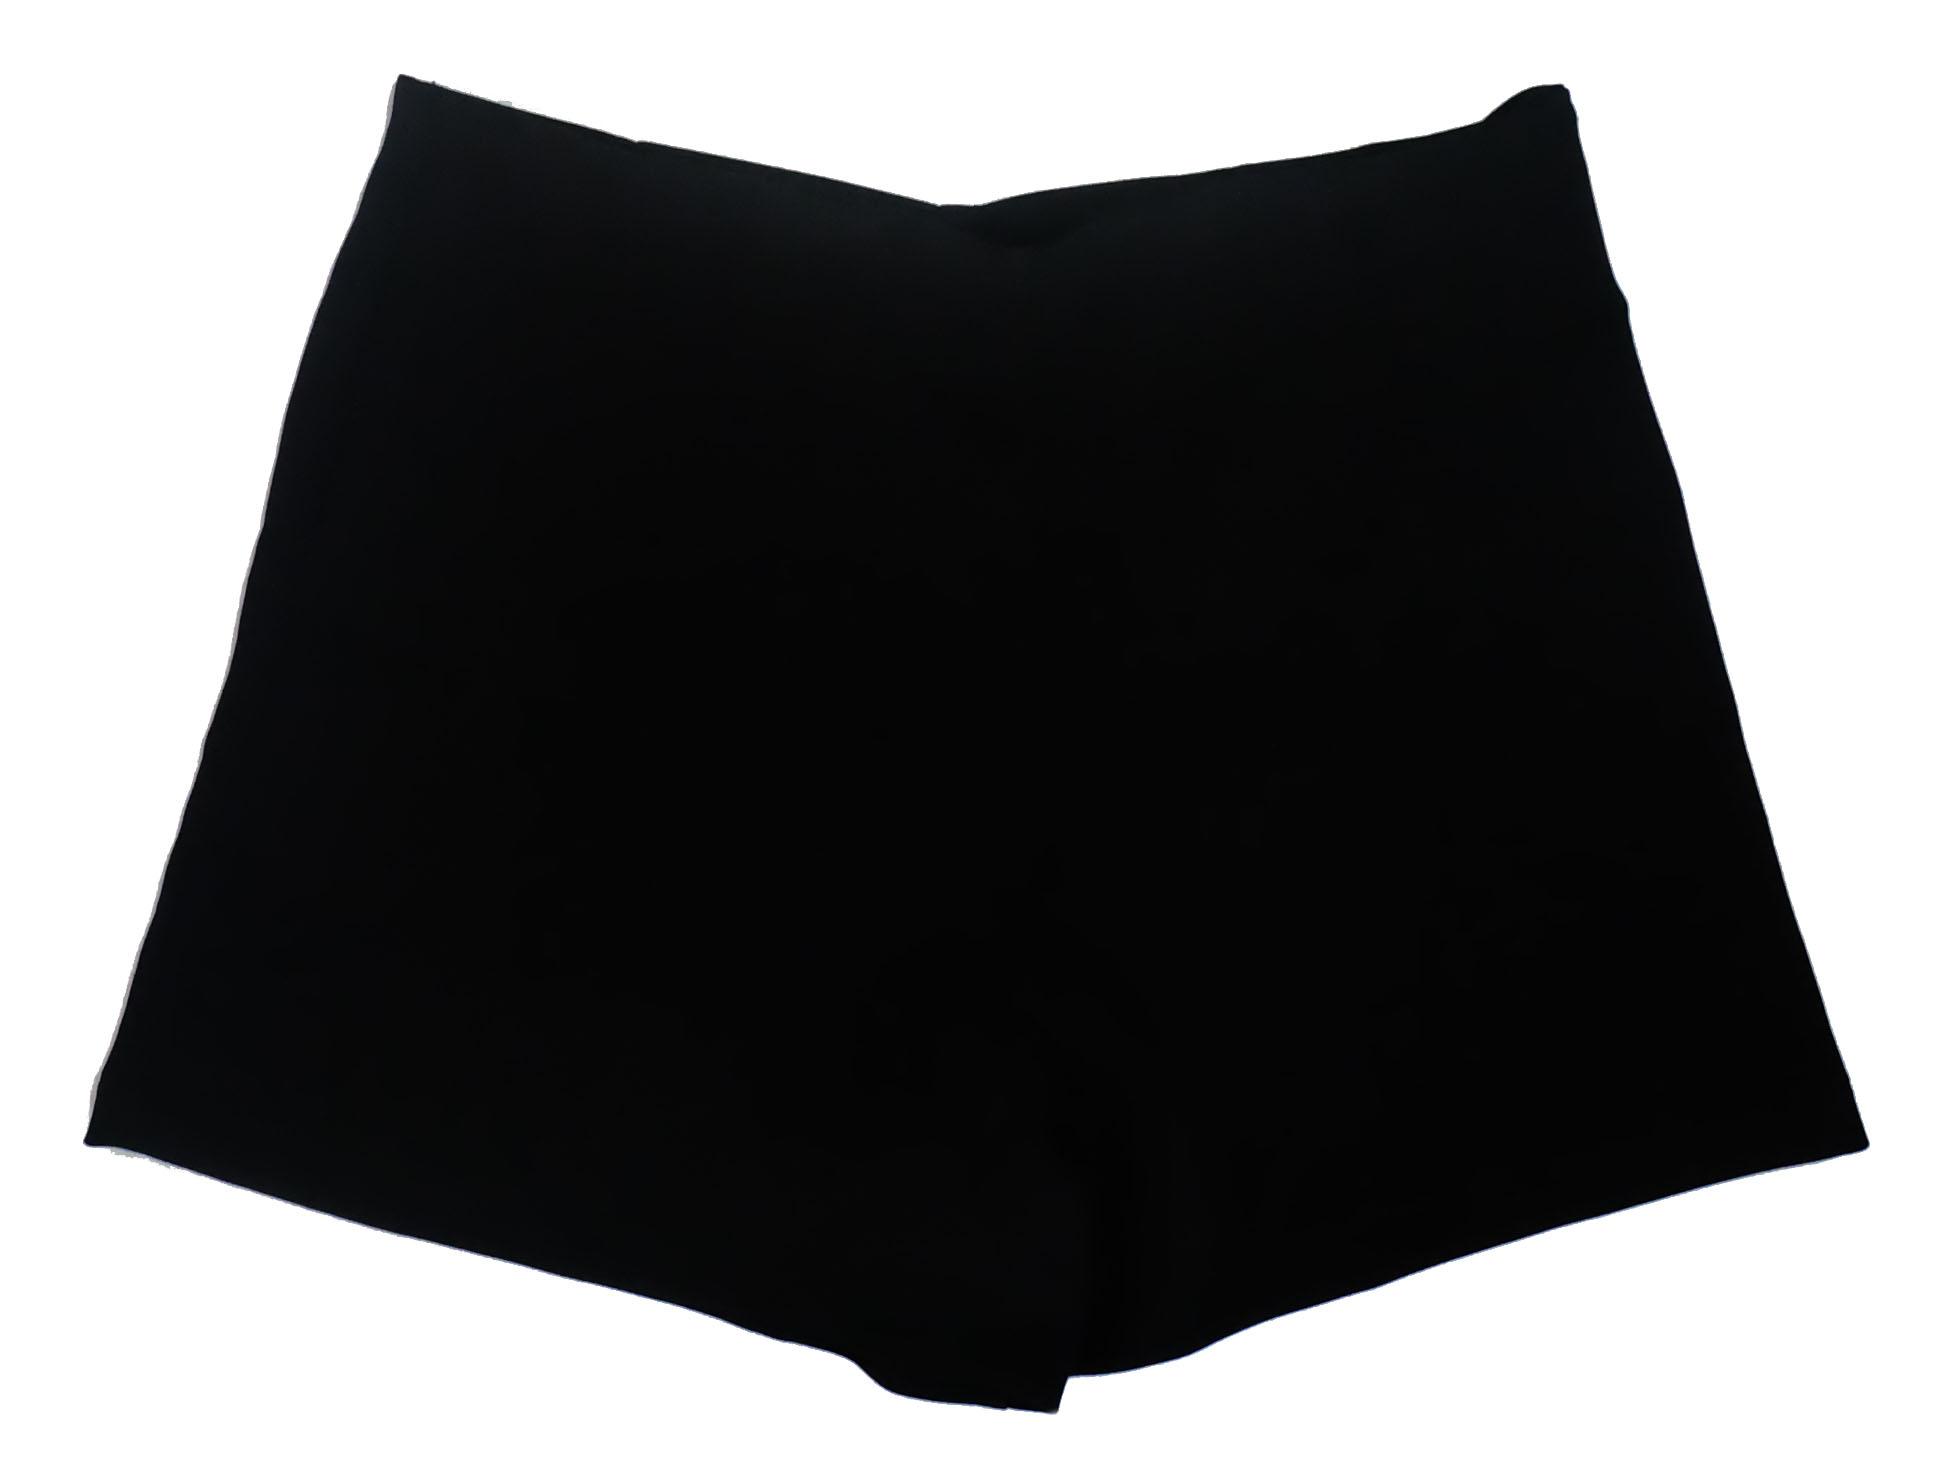 กางเกงขาสั้นเอวสูงขอบเรียบผ้าฮานาโกะ ซิปซ้าย กระเป๋าขวา สีดำ Size S M L XL